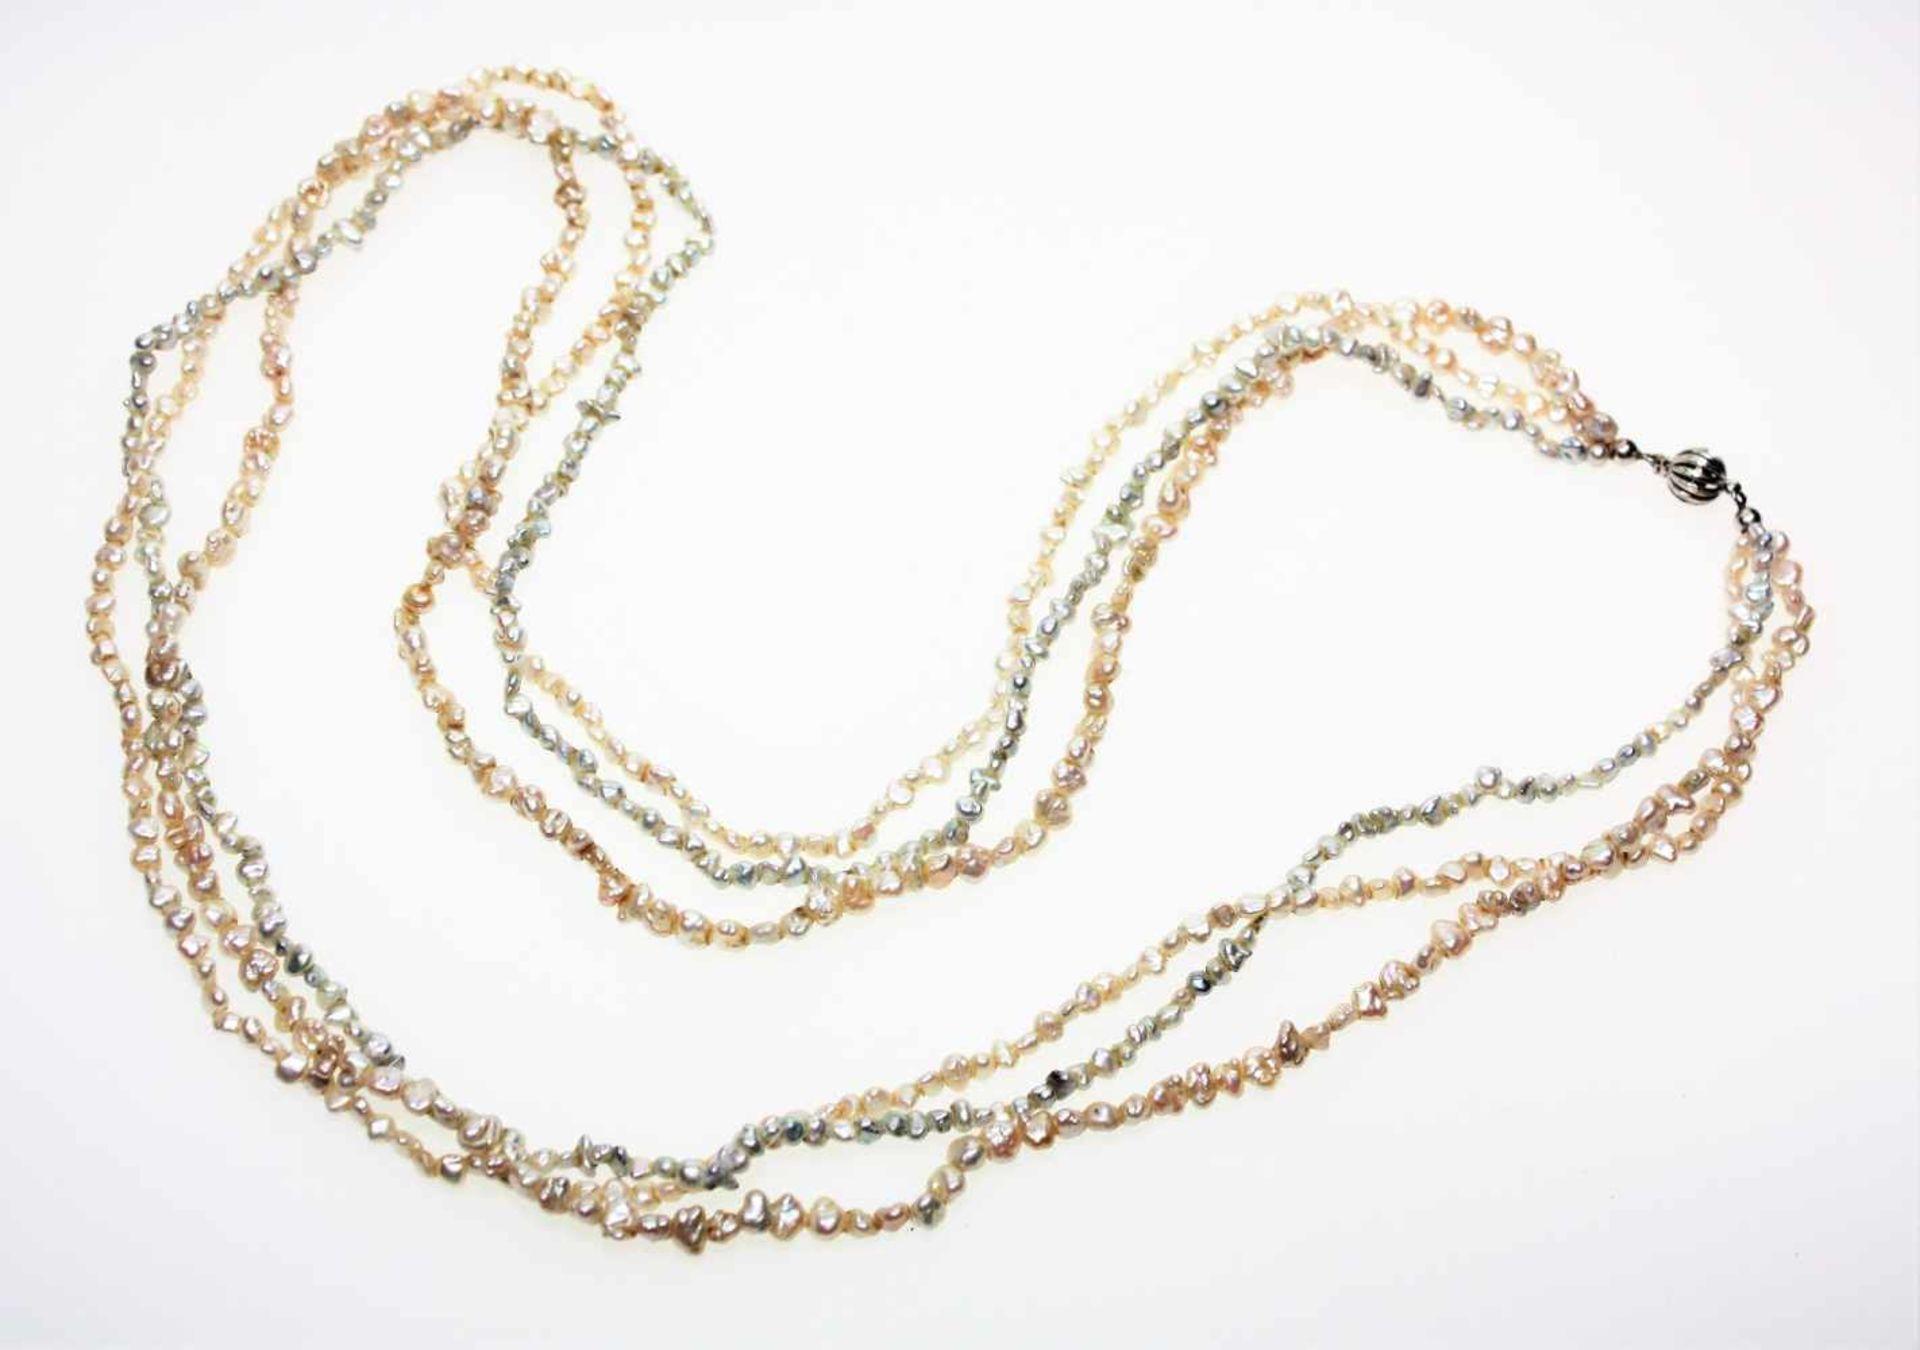 Los 12 - Dreireihige Kette aus kleinen, unregelmäßigen Biwa-Perlen, zwei Stränge leicht rosé, ein Strang